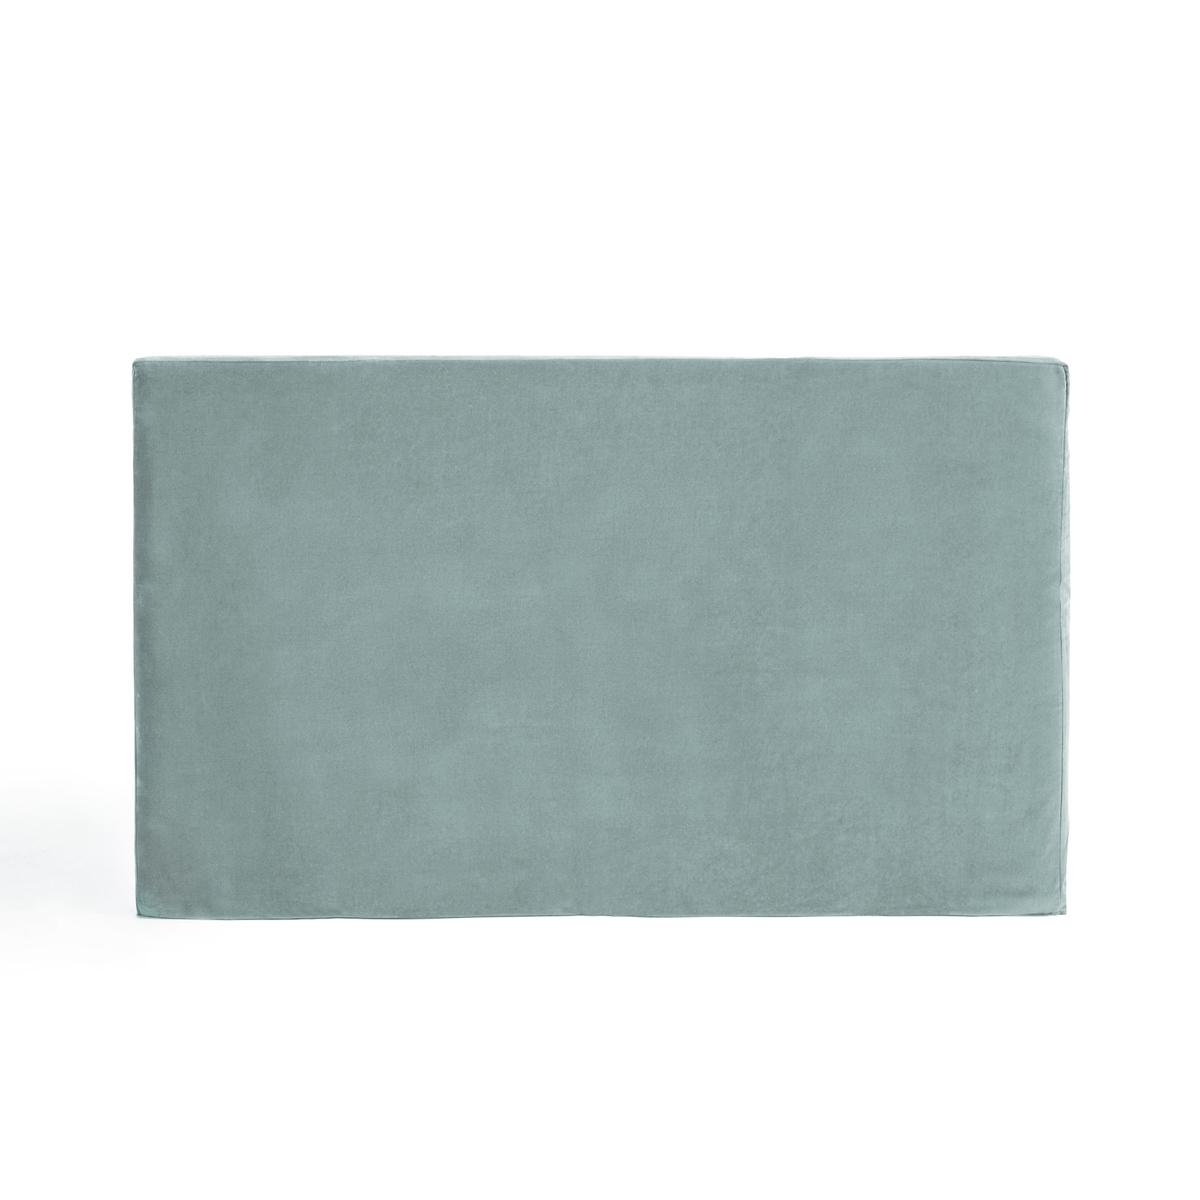 Чехол LaRedoute Для изголовья кровати из велюра Velvet 90 x 85 см зеленый